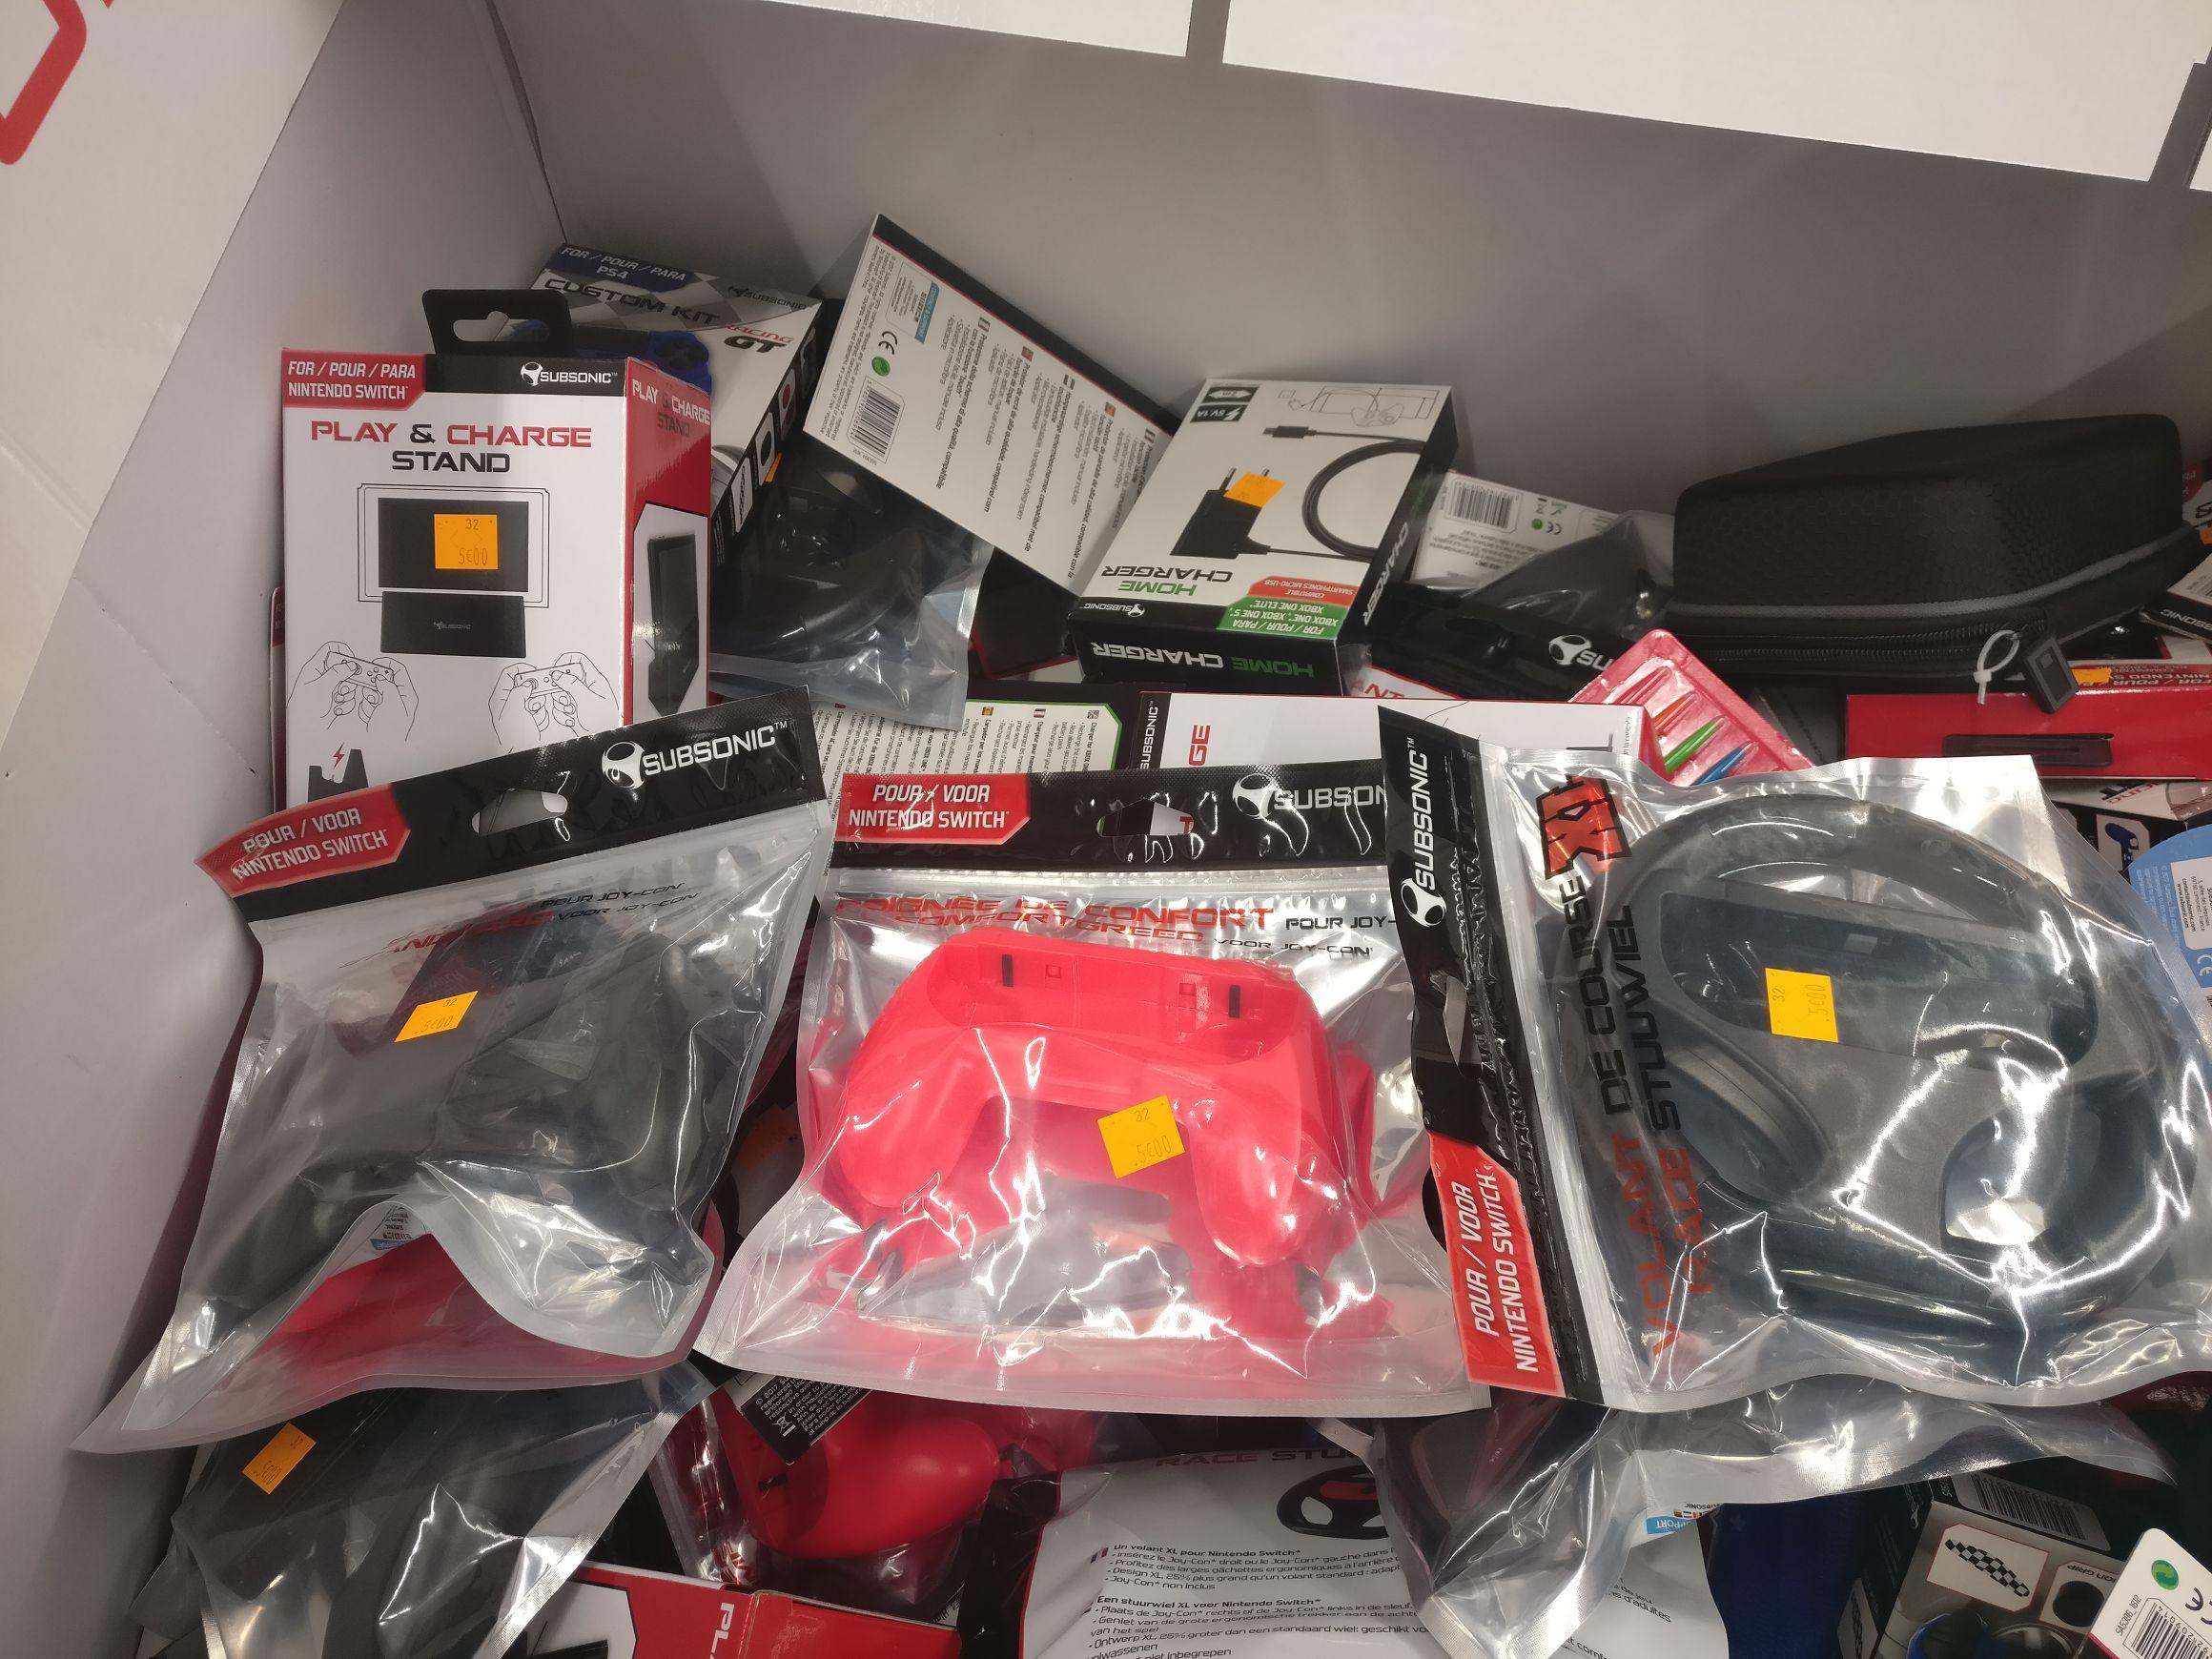 Accessoires pour Nintendo Switch - Rosny-sous-Bois (93)